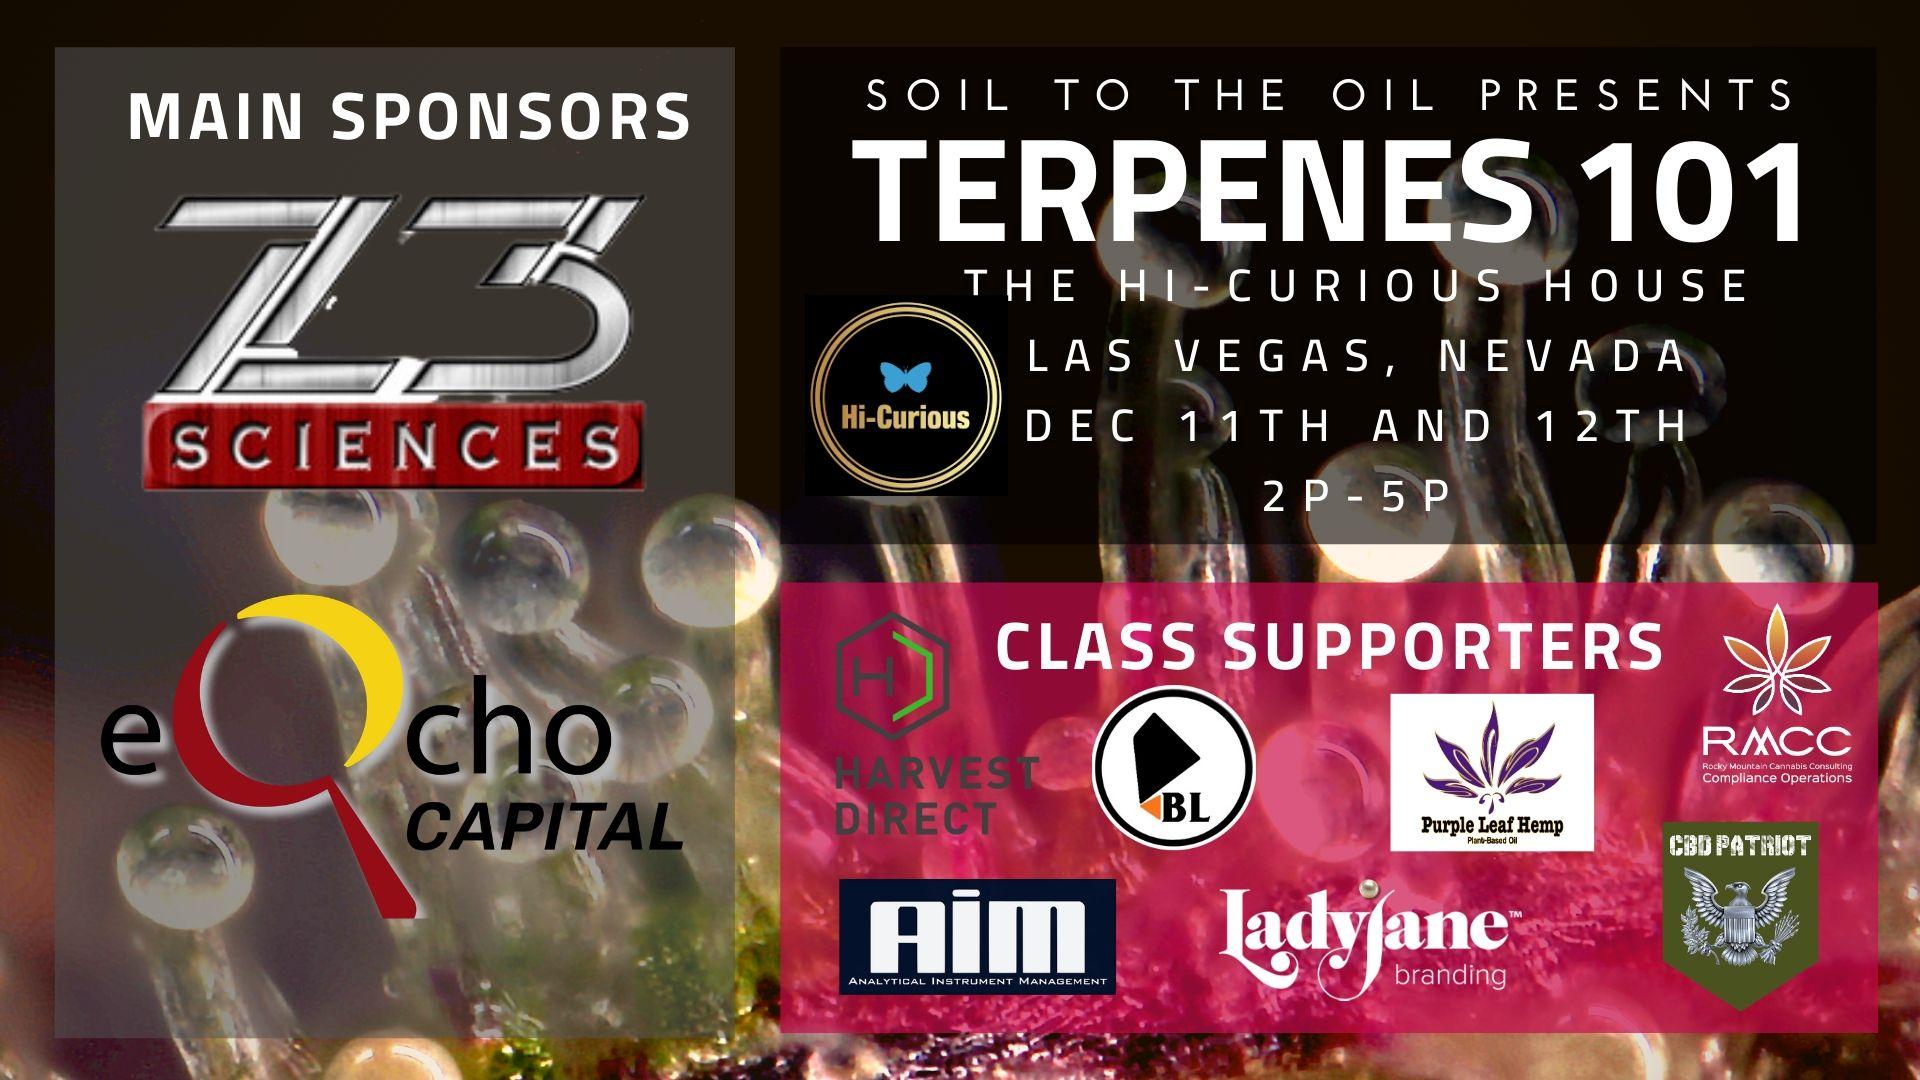 Z3 Sciences and eQcho Capital Presents Terpenes 101 - 12/11/19